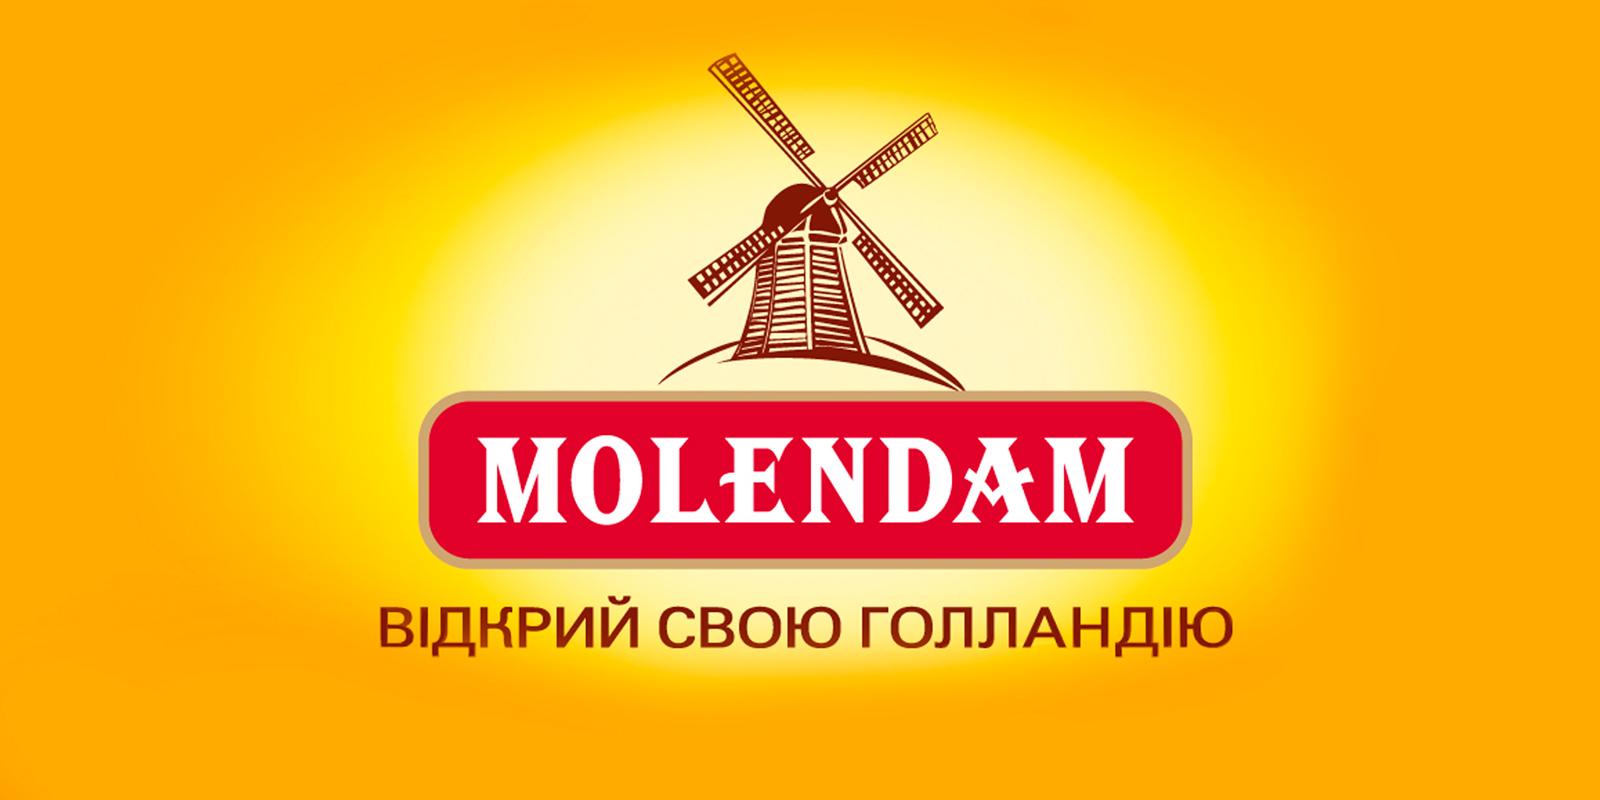 TM Molendam;;;;;;Разработка слогана;;;;;;<span>Клиент:</span> TM Molendam;;;;;;;;;;;;Разработка слогана;;;;;; 8 ;;;;;;